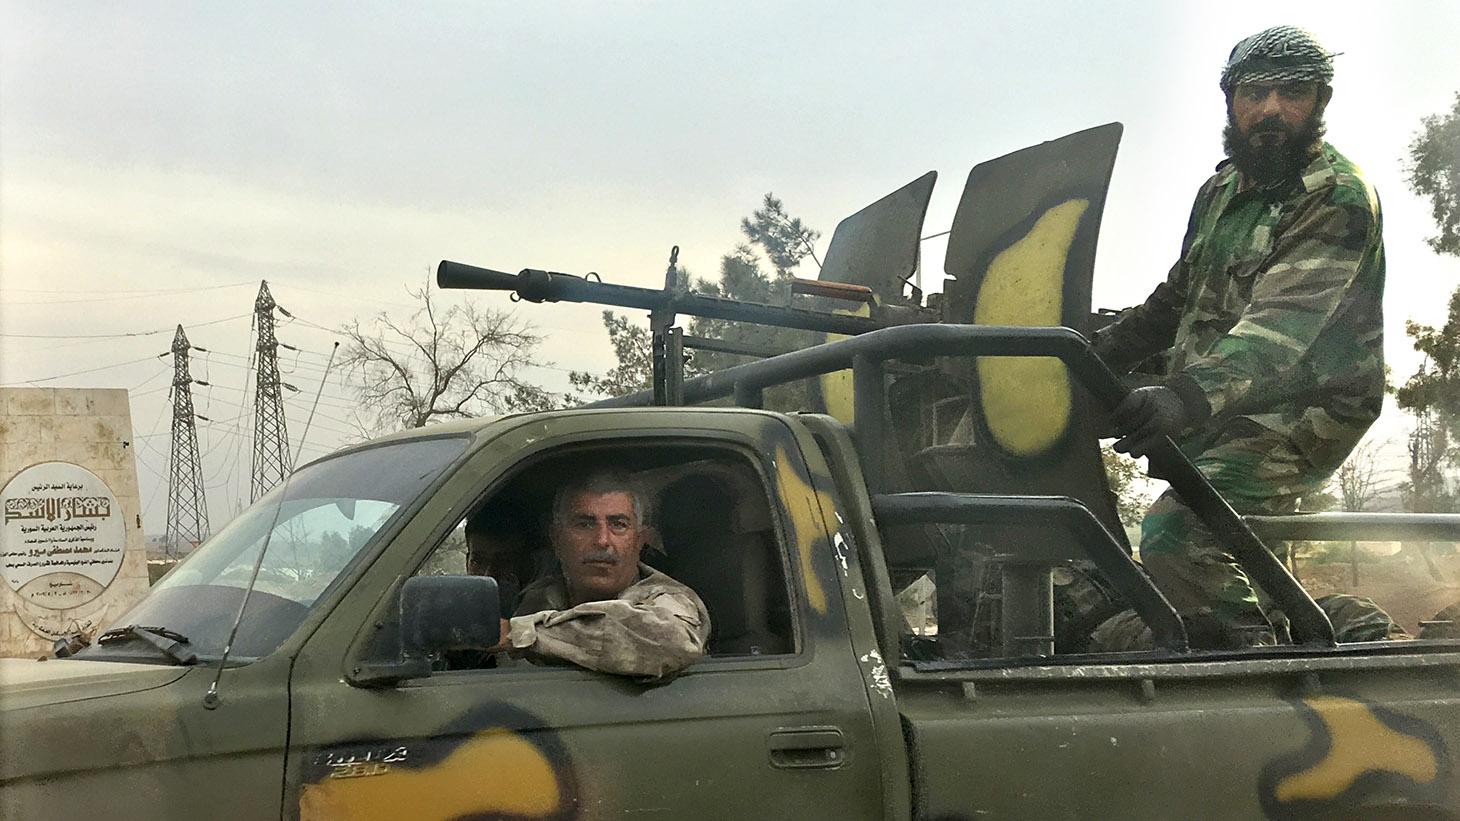 Aleppo Gunner